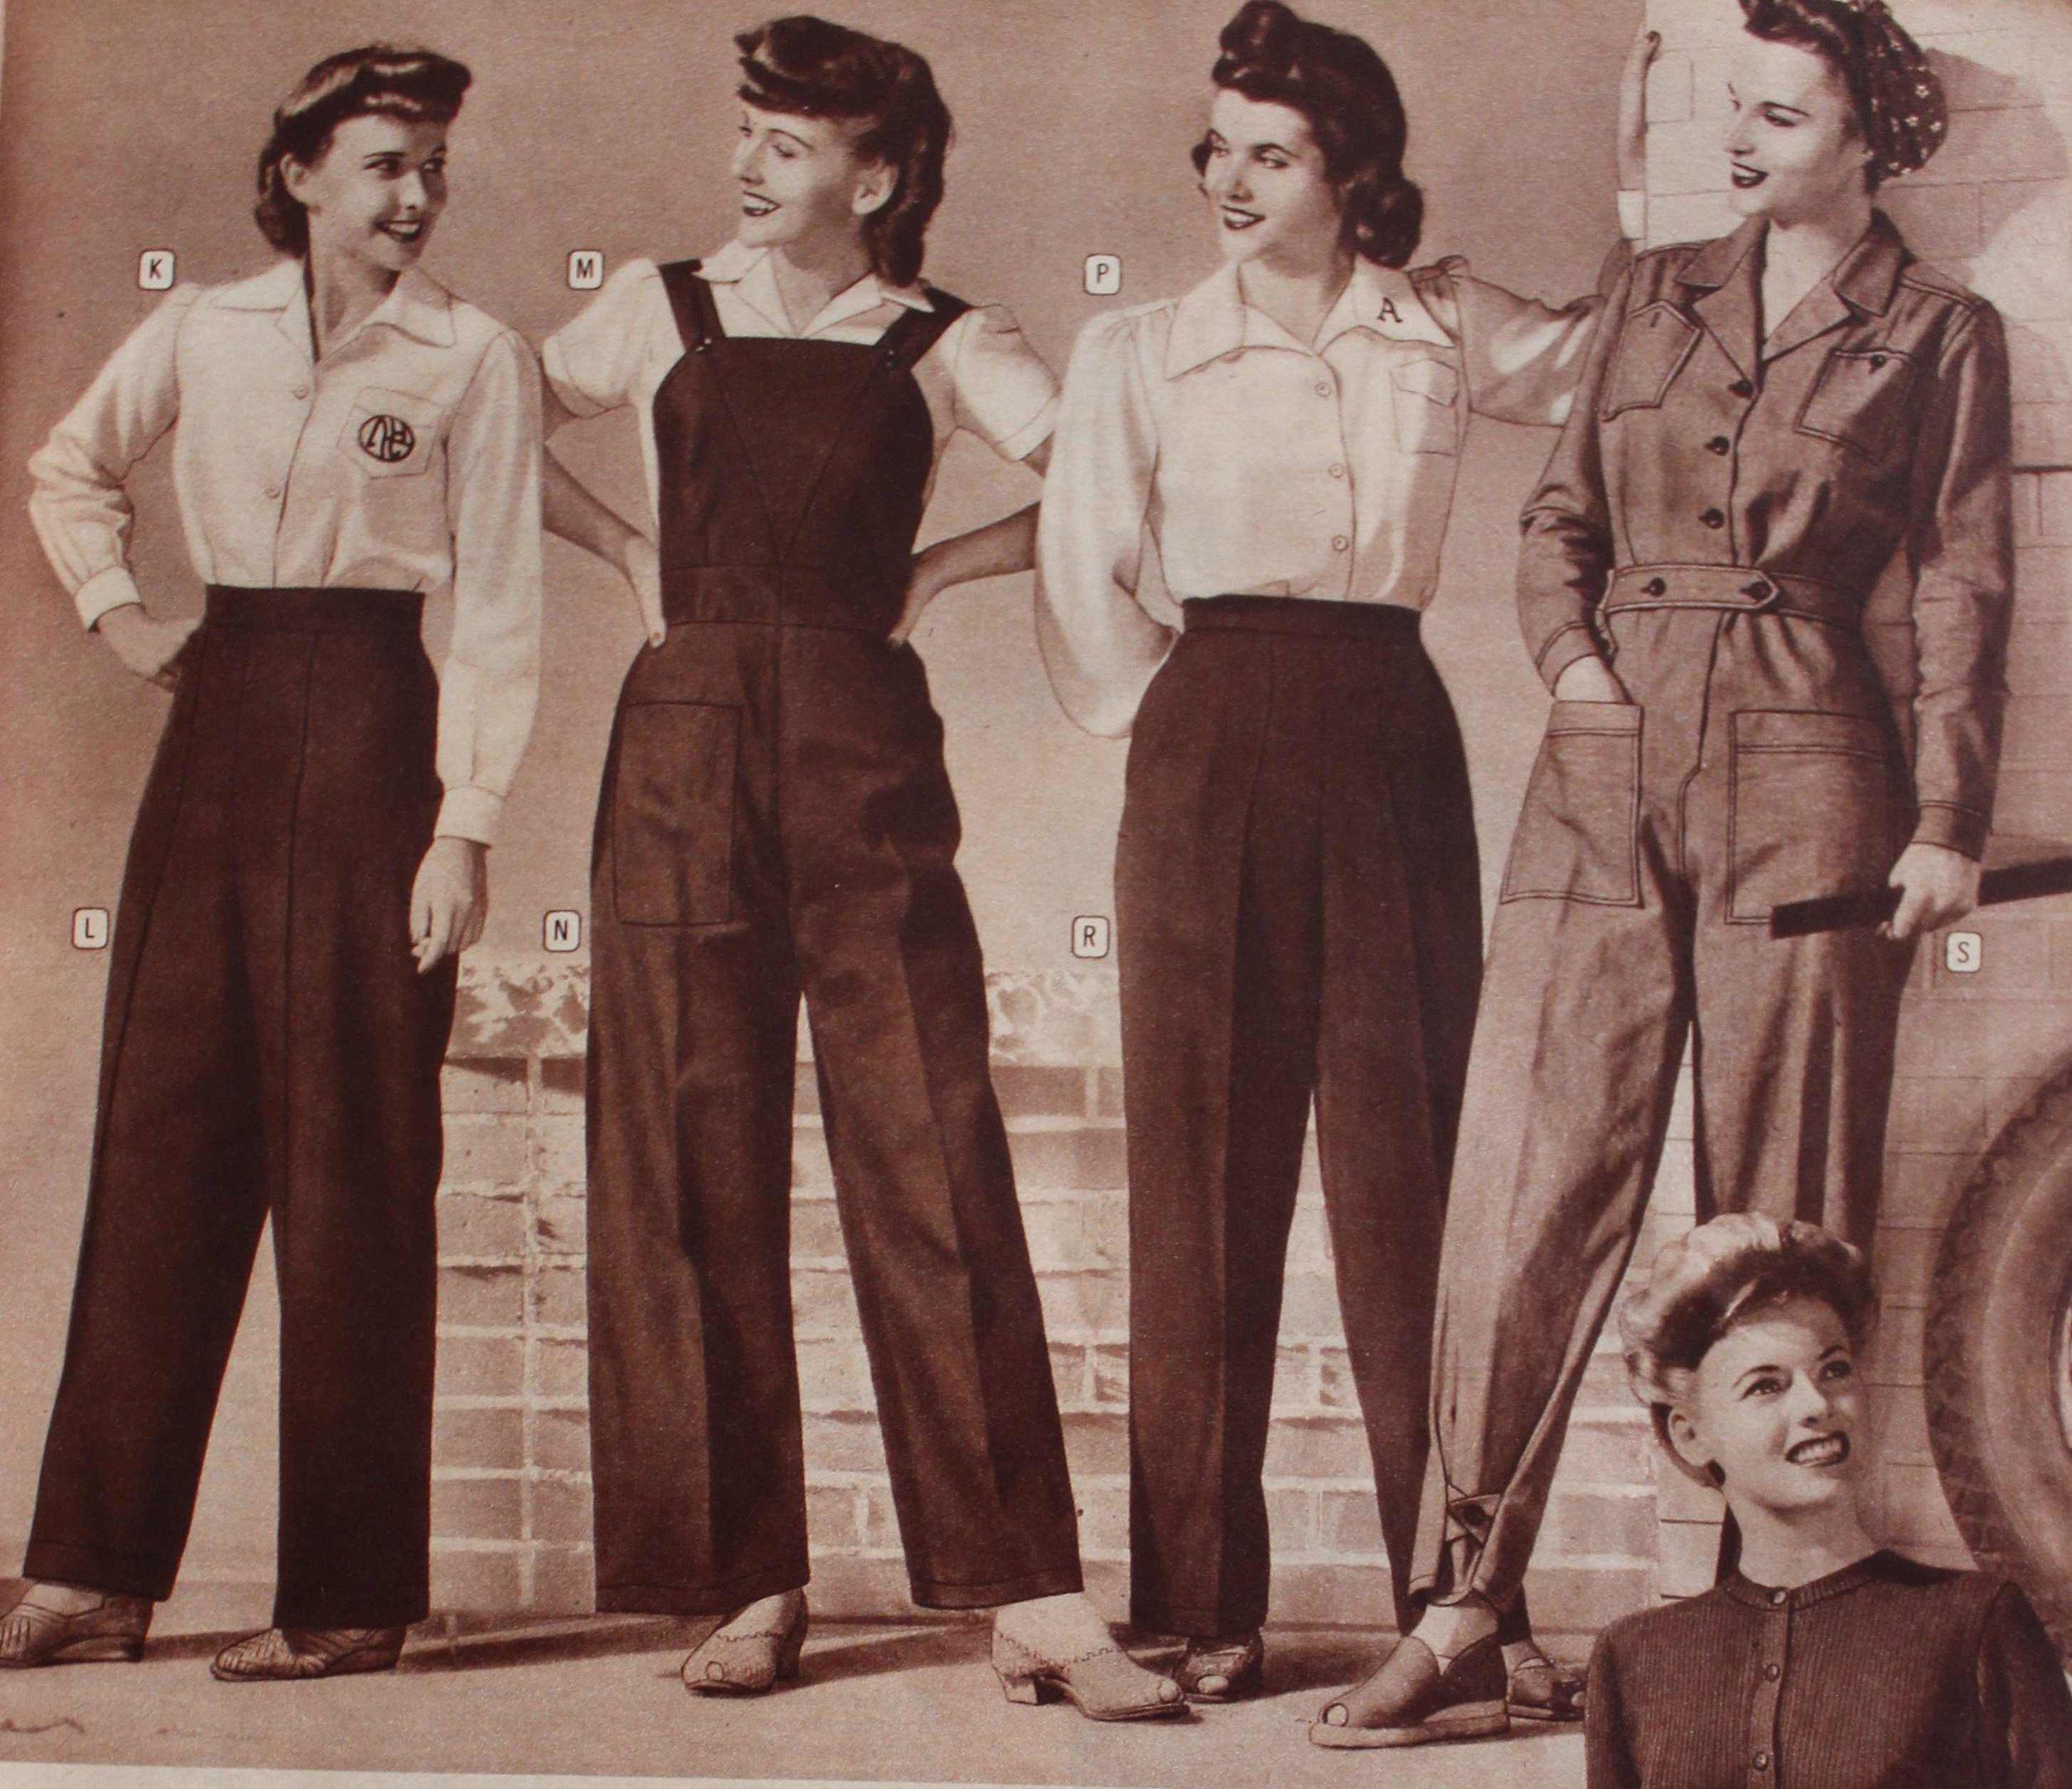 Vintage closhing fashion Vintage Cooking2018-01-13 at 7.55.34 PM 10.jpg